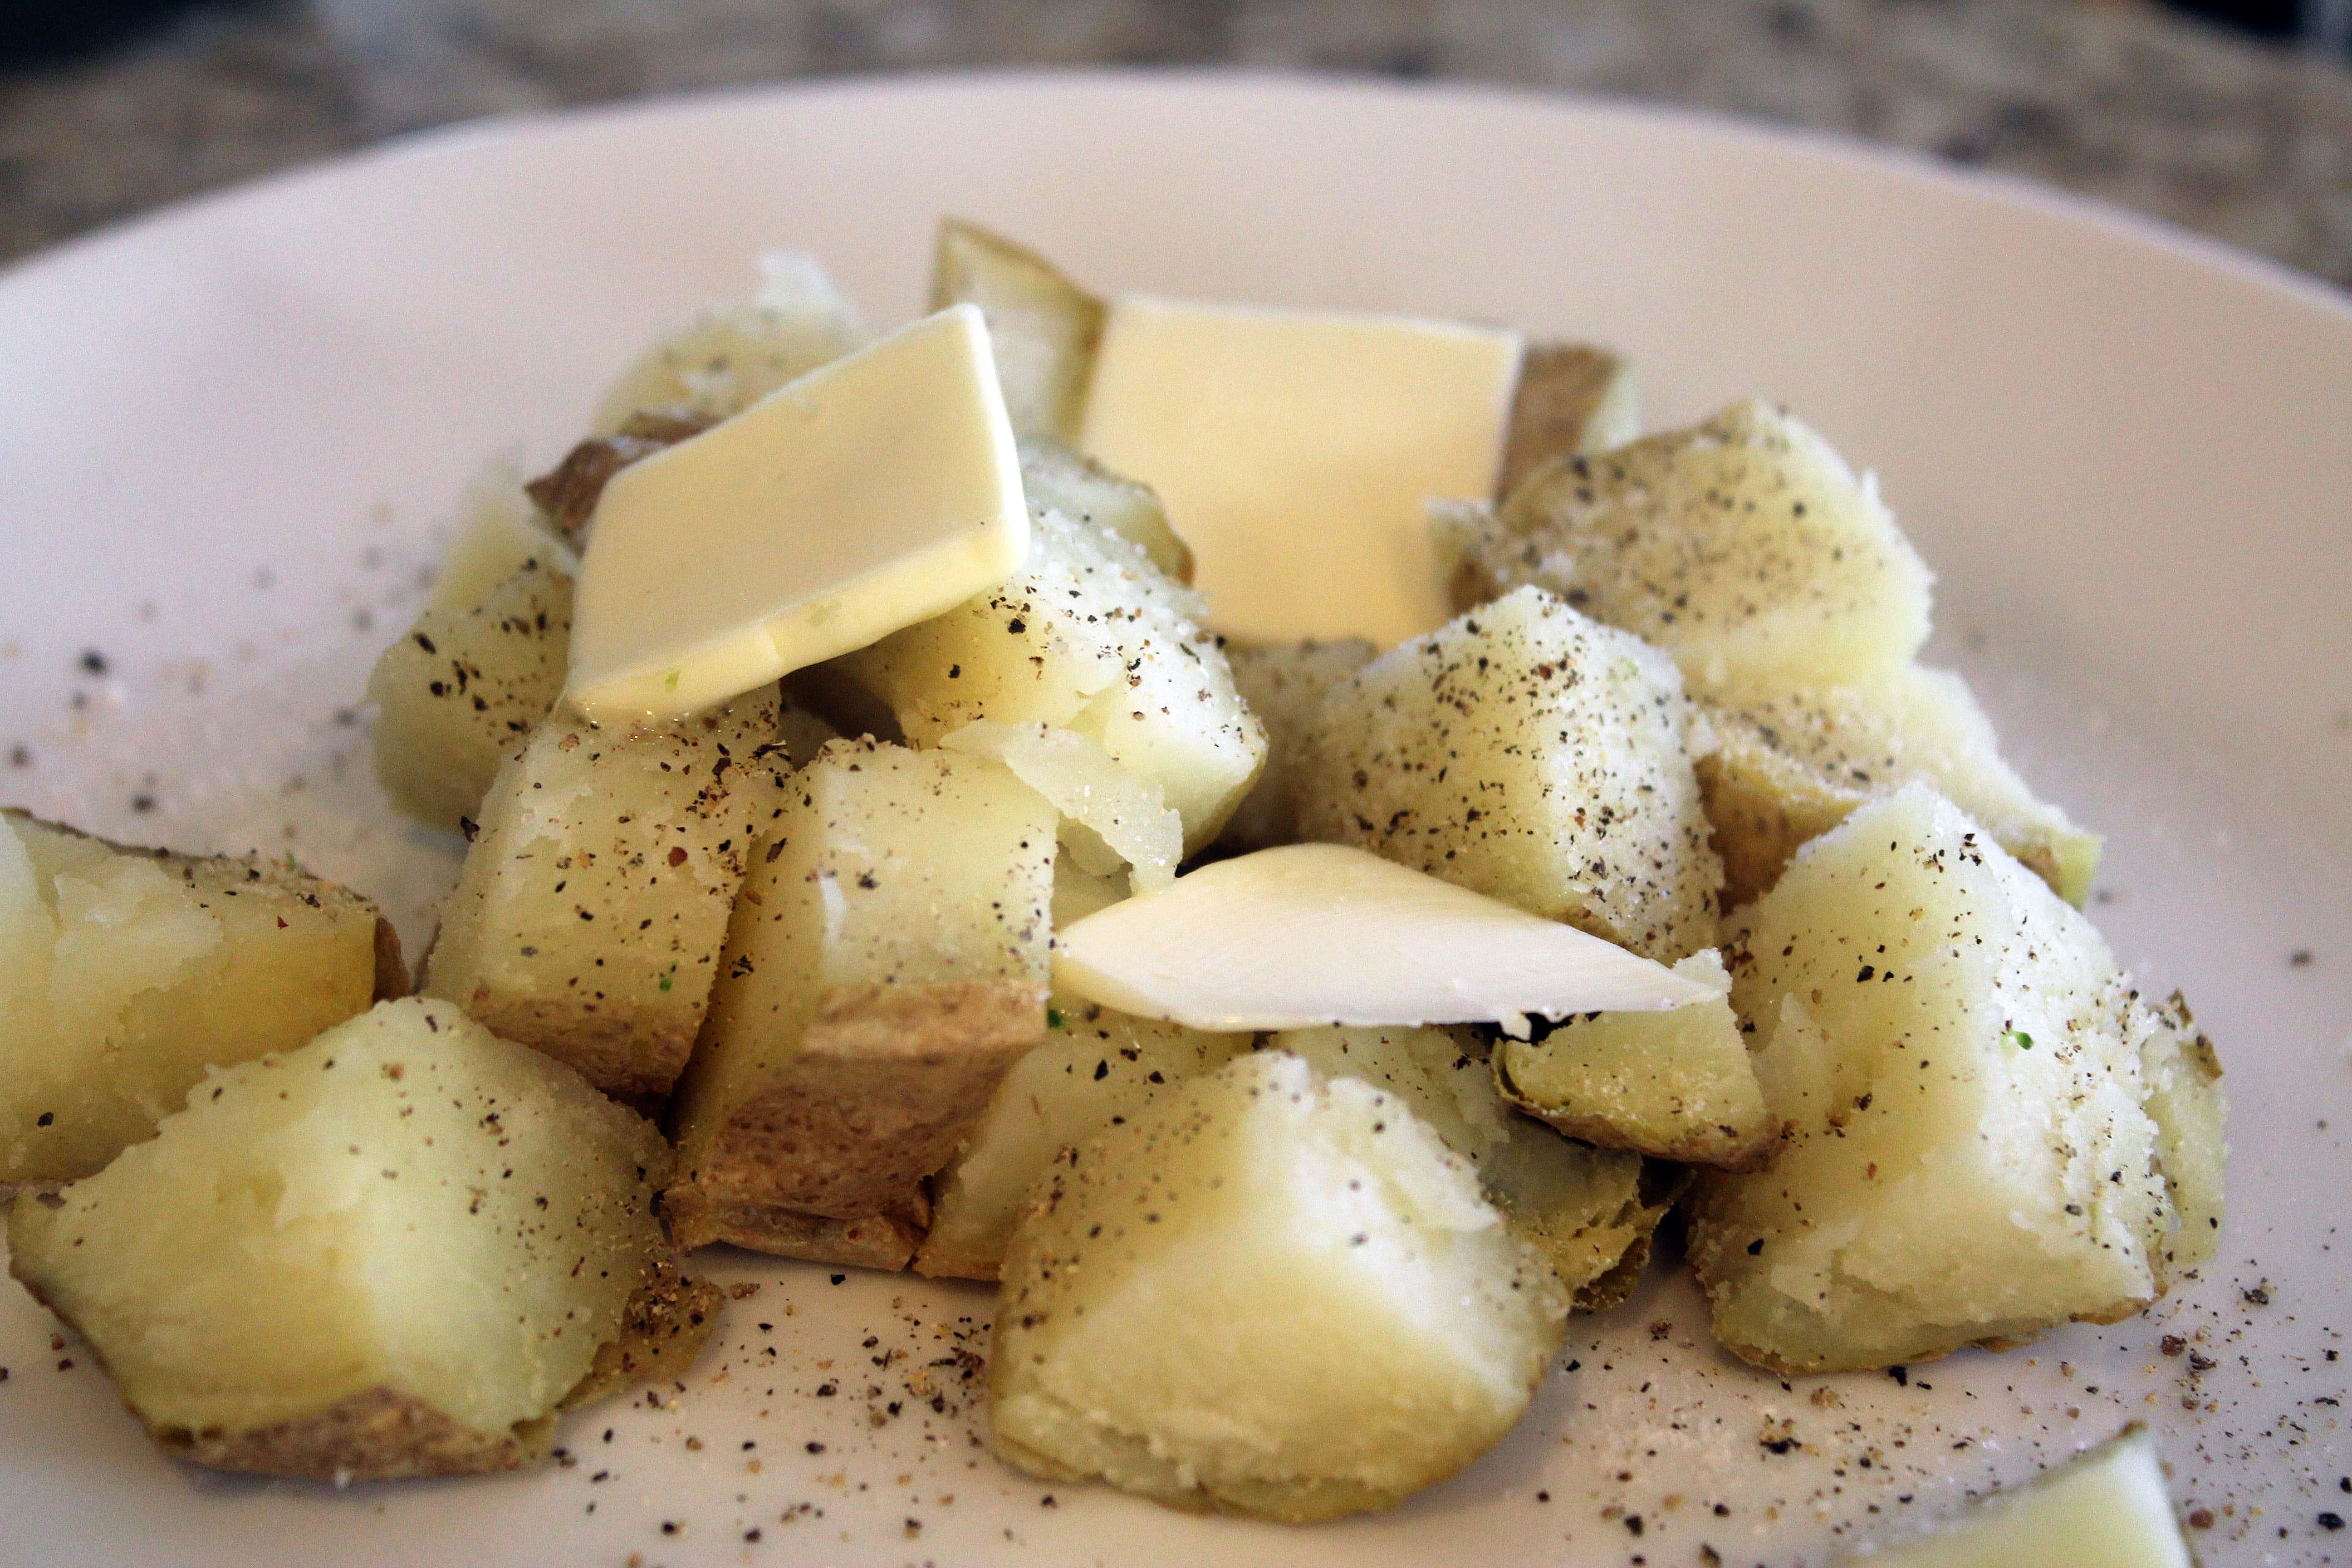 Cubed potato with salt pepper butter